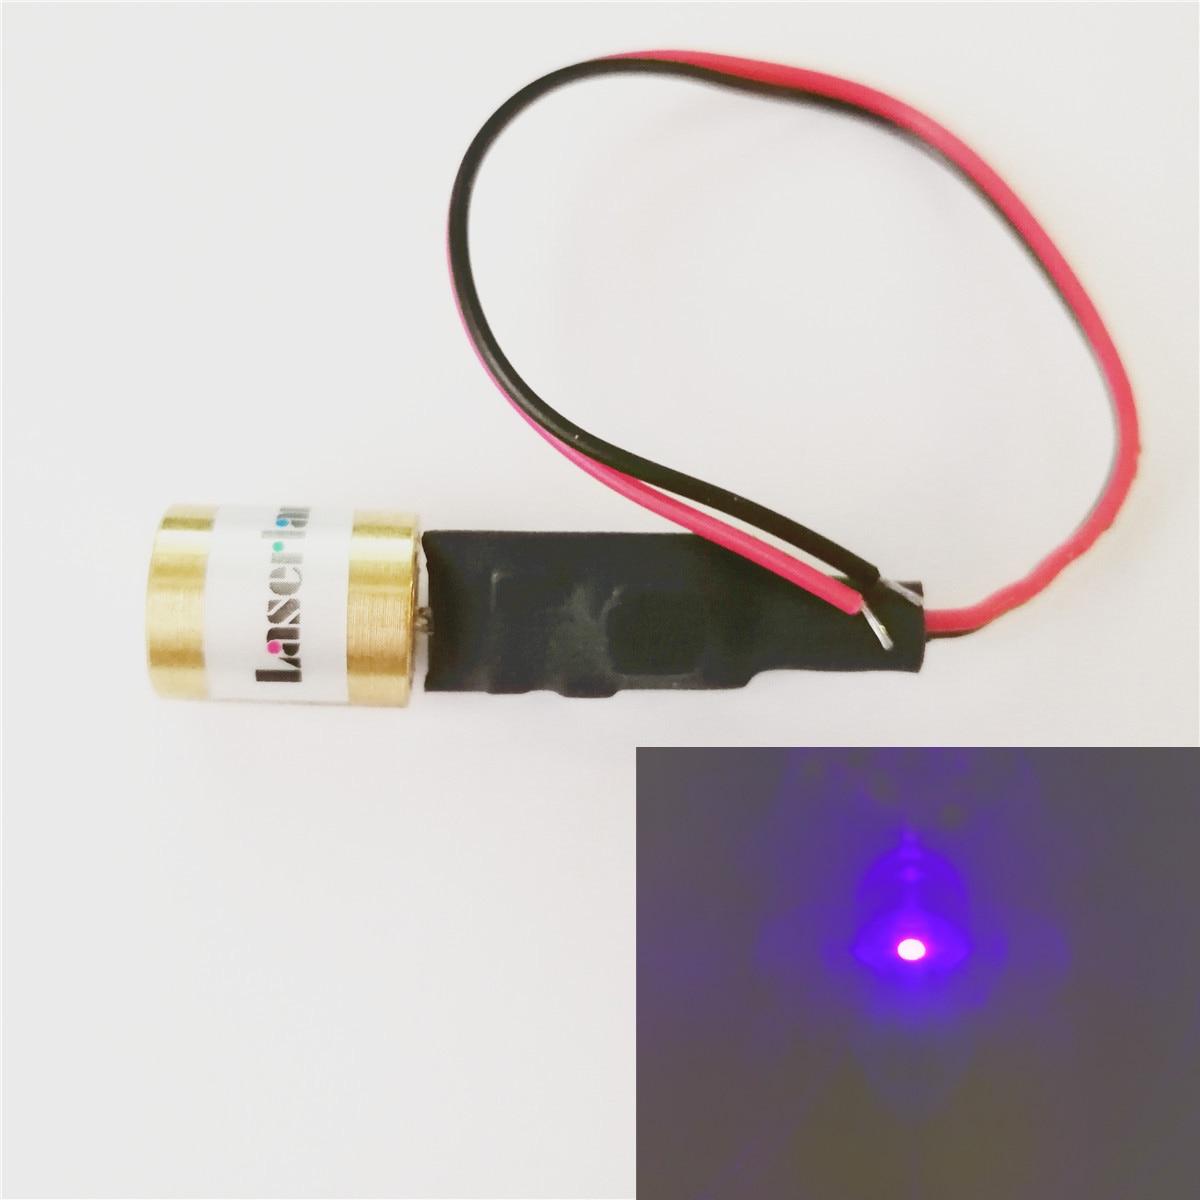 12x17mm 405nm 100mW Violet Blue Dot Laser Module Diode DC5V Locater